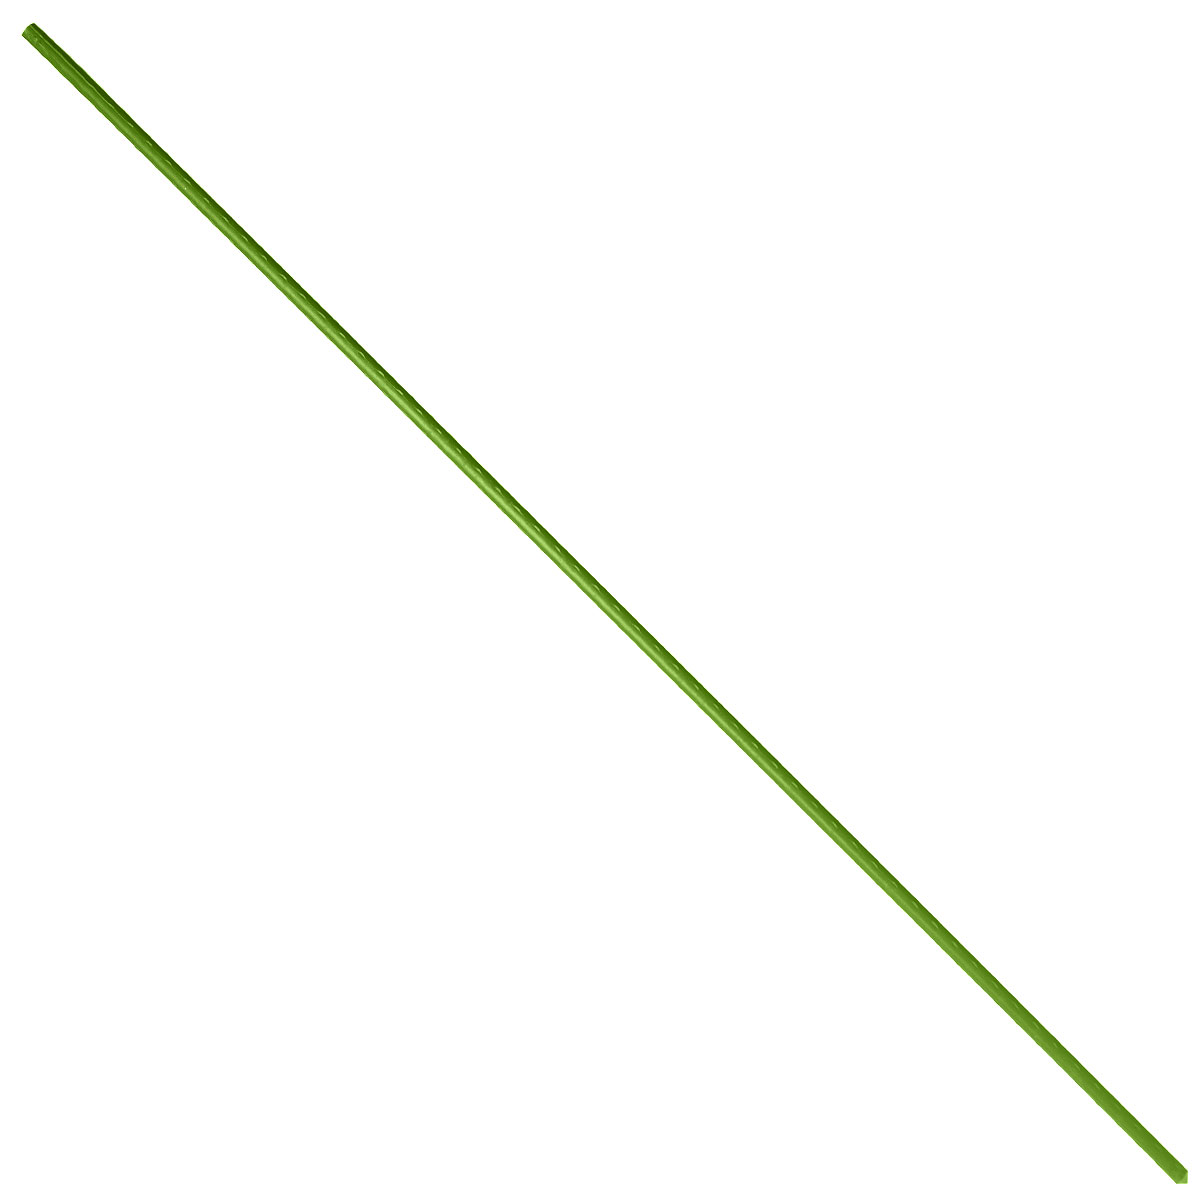 Опора для растений Green Apple, цвет: зеленый, диаметр 0,8 см, длина 60 см, 5 шт55052Опора для растений Green Apple выполнена из высококачественного металла, покрытого цветным пластиком. В наборе 5 опор, выполненных в виде ствола растения с шипами.Такие опоры широко используются для поддержки декоративных садовых и комнатных растений. Также могут применятся для поддержки вьющихся растений в парниках.Длина опоры: 60 см.Диаметр опоры: 0,8 см.Комплектация: 5 шт.